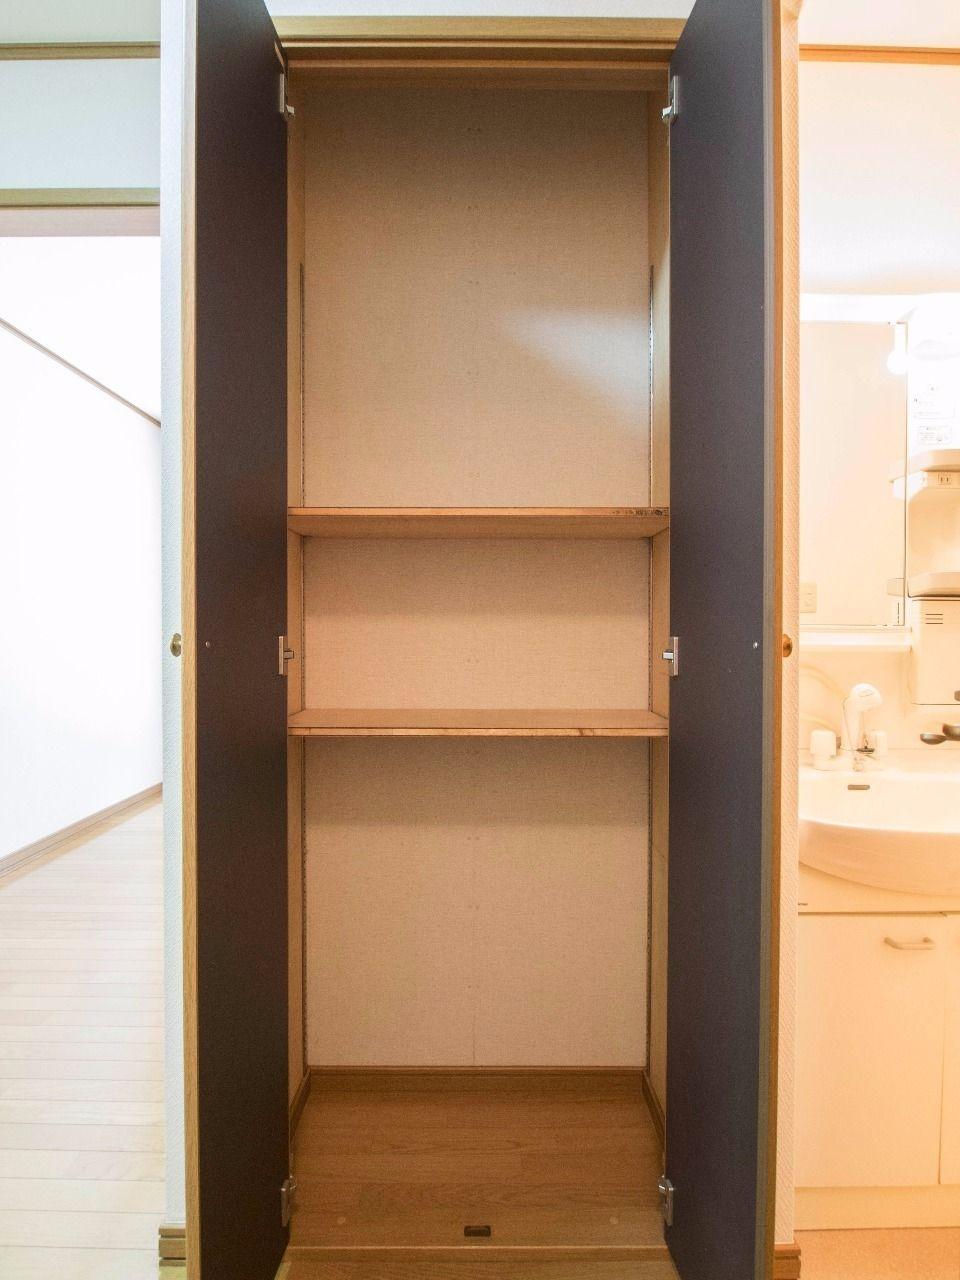 キッチンと洗面所の間にあるストック棚